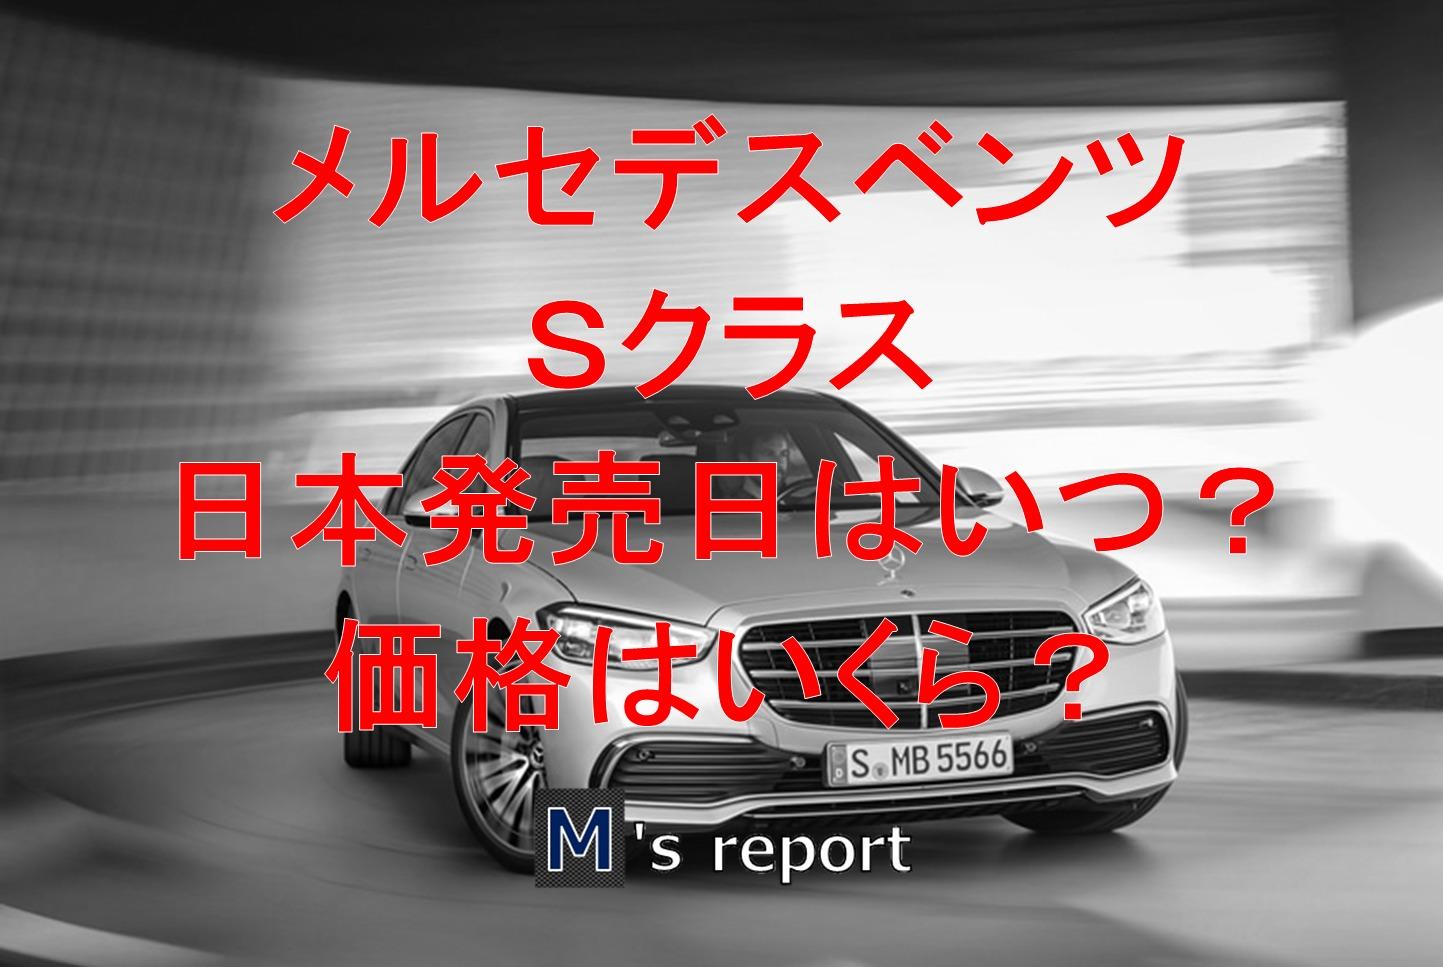 メルセデスベンツ新型Sクラス発表!日本発売はいつ?価格はいくら?